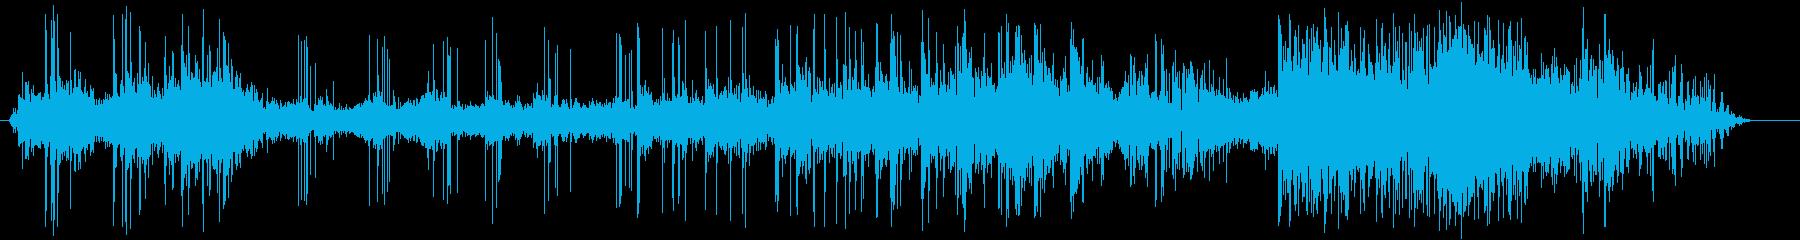 花火7拍手の再生済みの波形